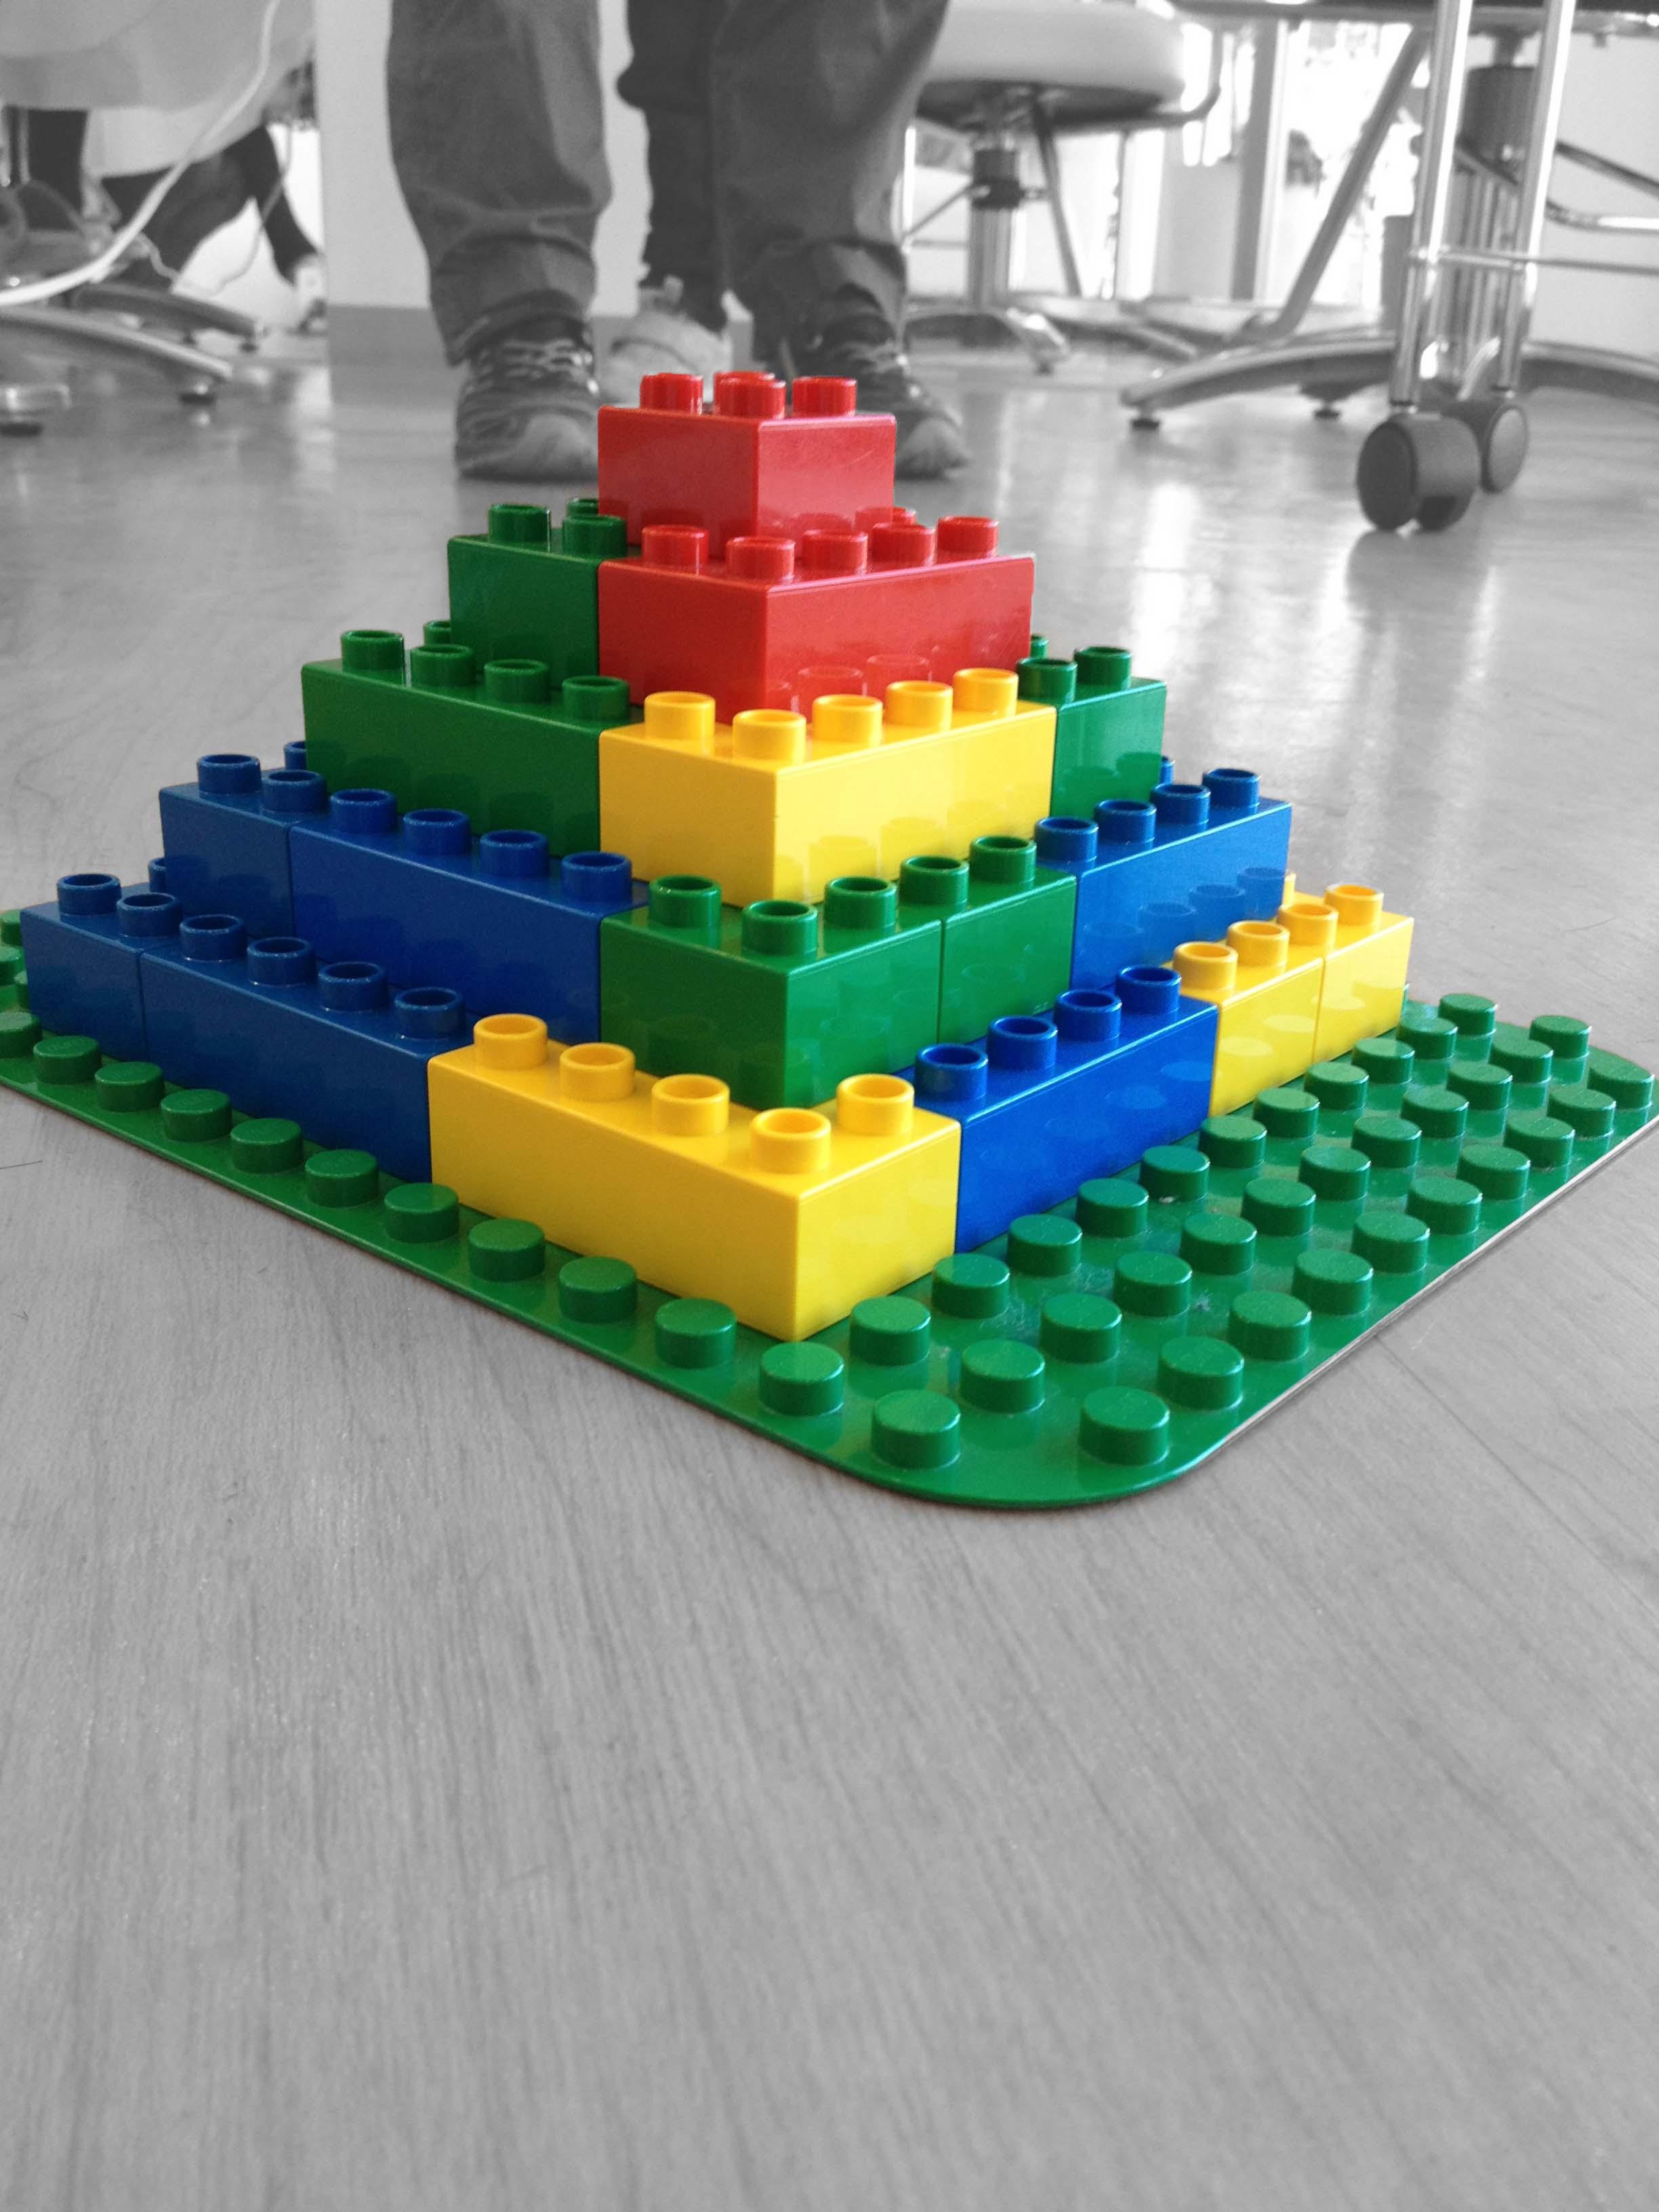 レゴ作品_c0222817_1654140.jpg